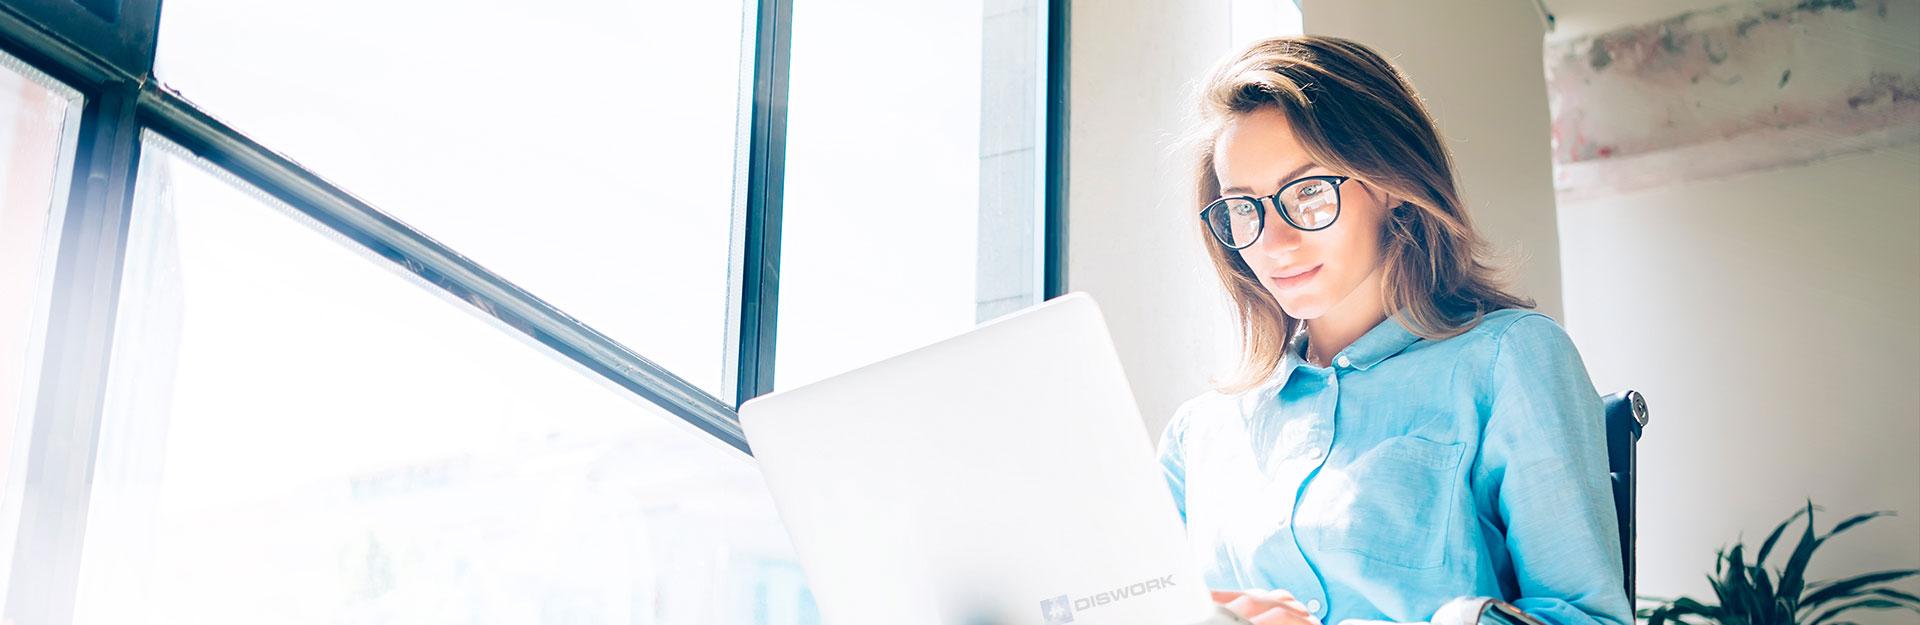 Una mujer con gafas trabaja sentada frente a su ordenador portátil.